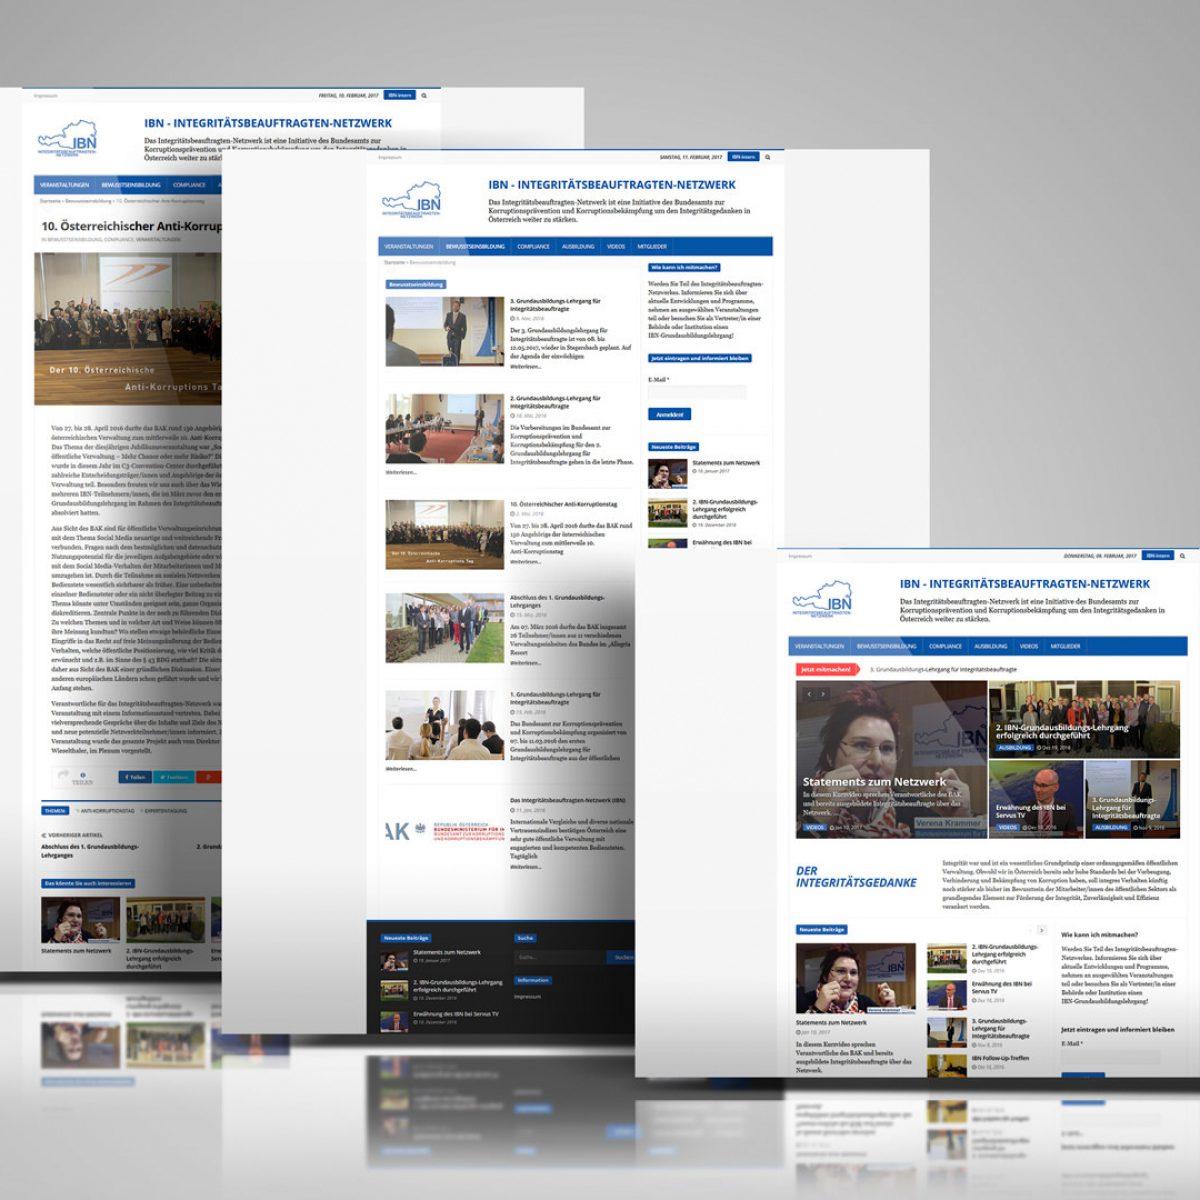 Webdesign Beispielprojekt Integritätsbeauftragten-Netzwerk